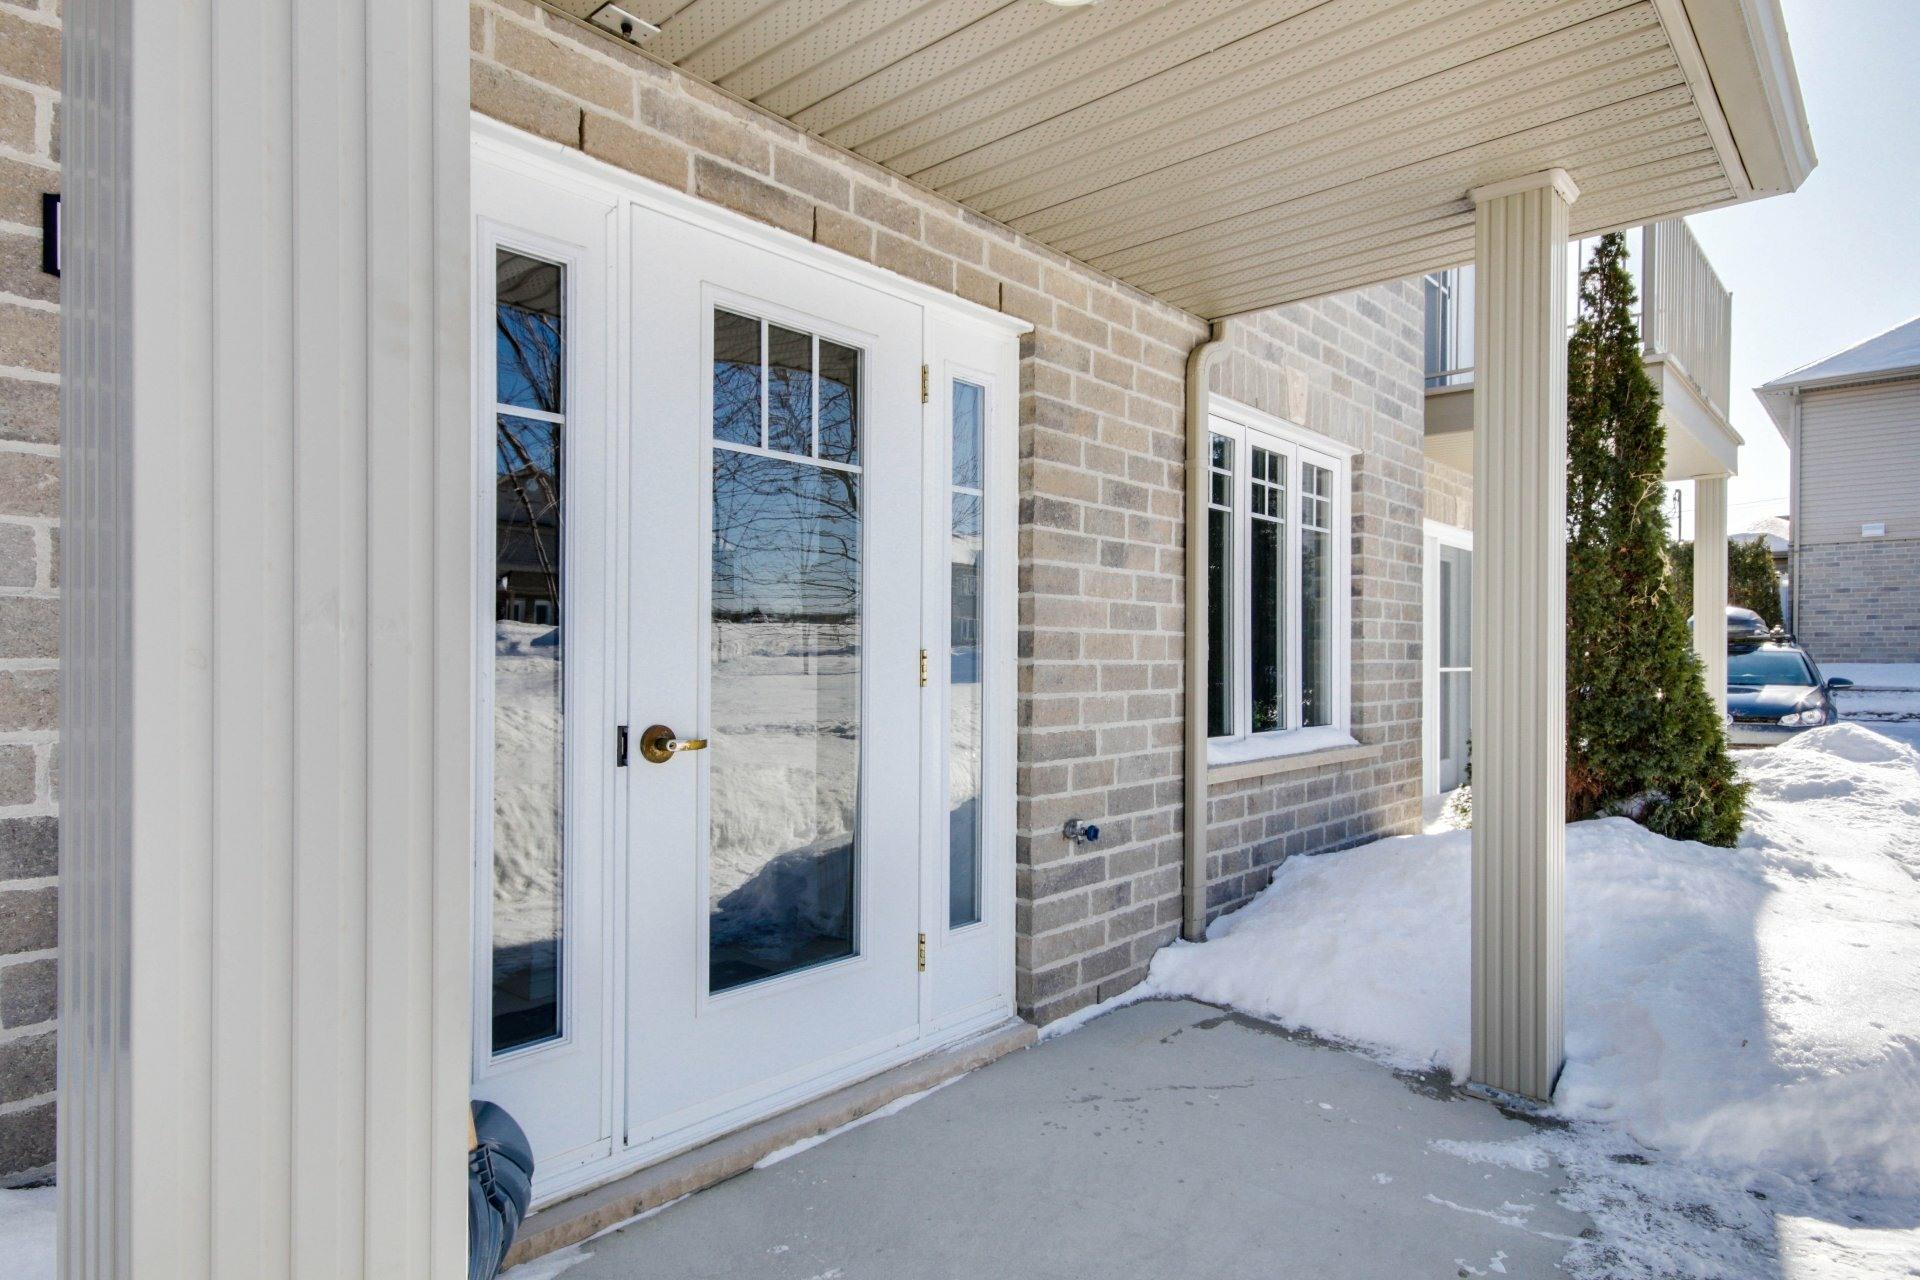 image 2 - Apartment For sale Trois-Rivières - 6 rooms